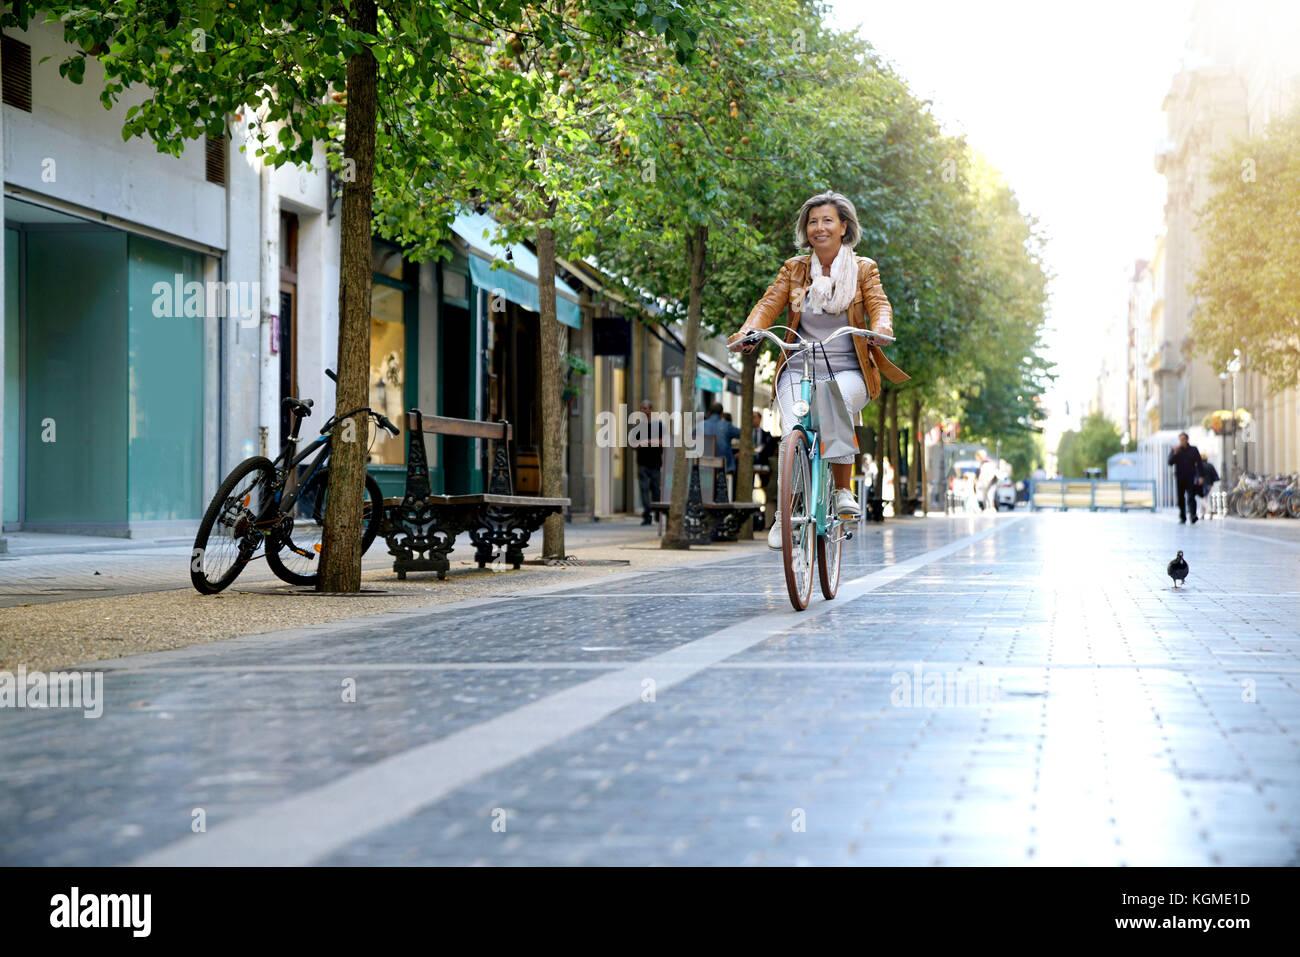 Ältere Frau reiten City Bike in der Stadt Stockbild